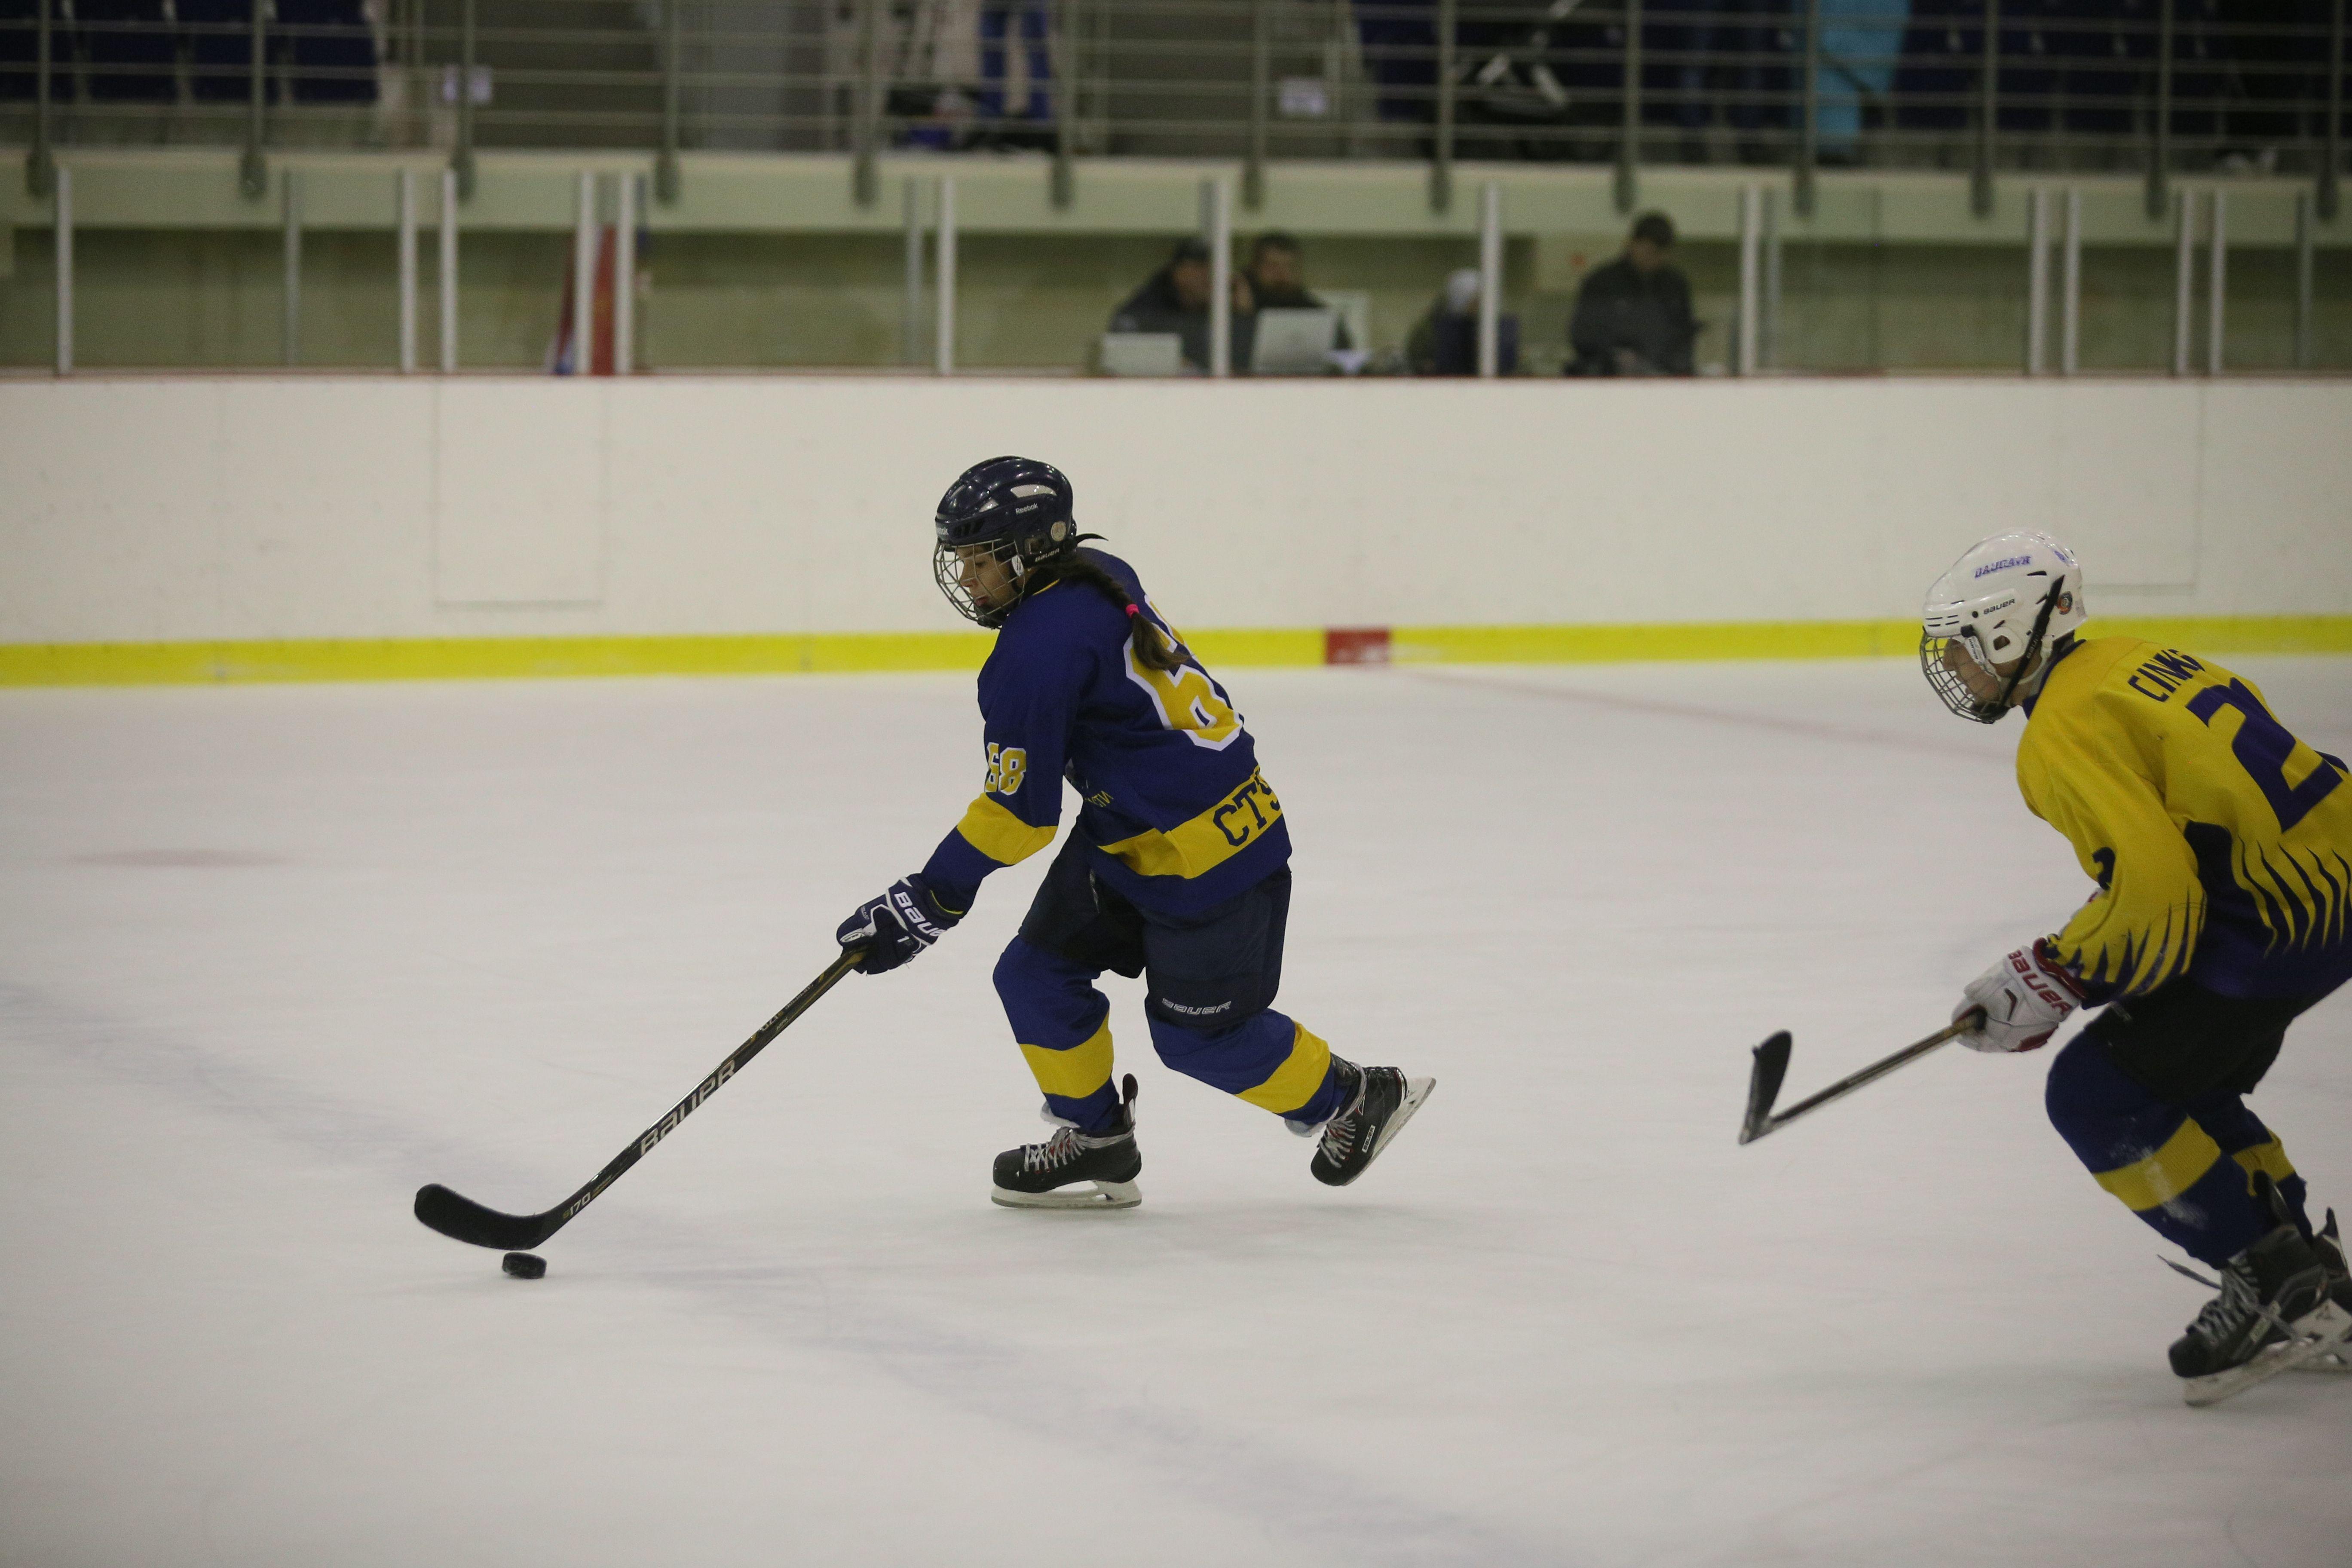 Юные хоккеисты поучаствуют в турнире